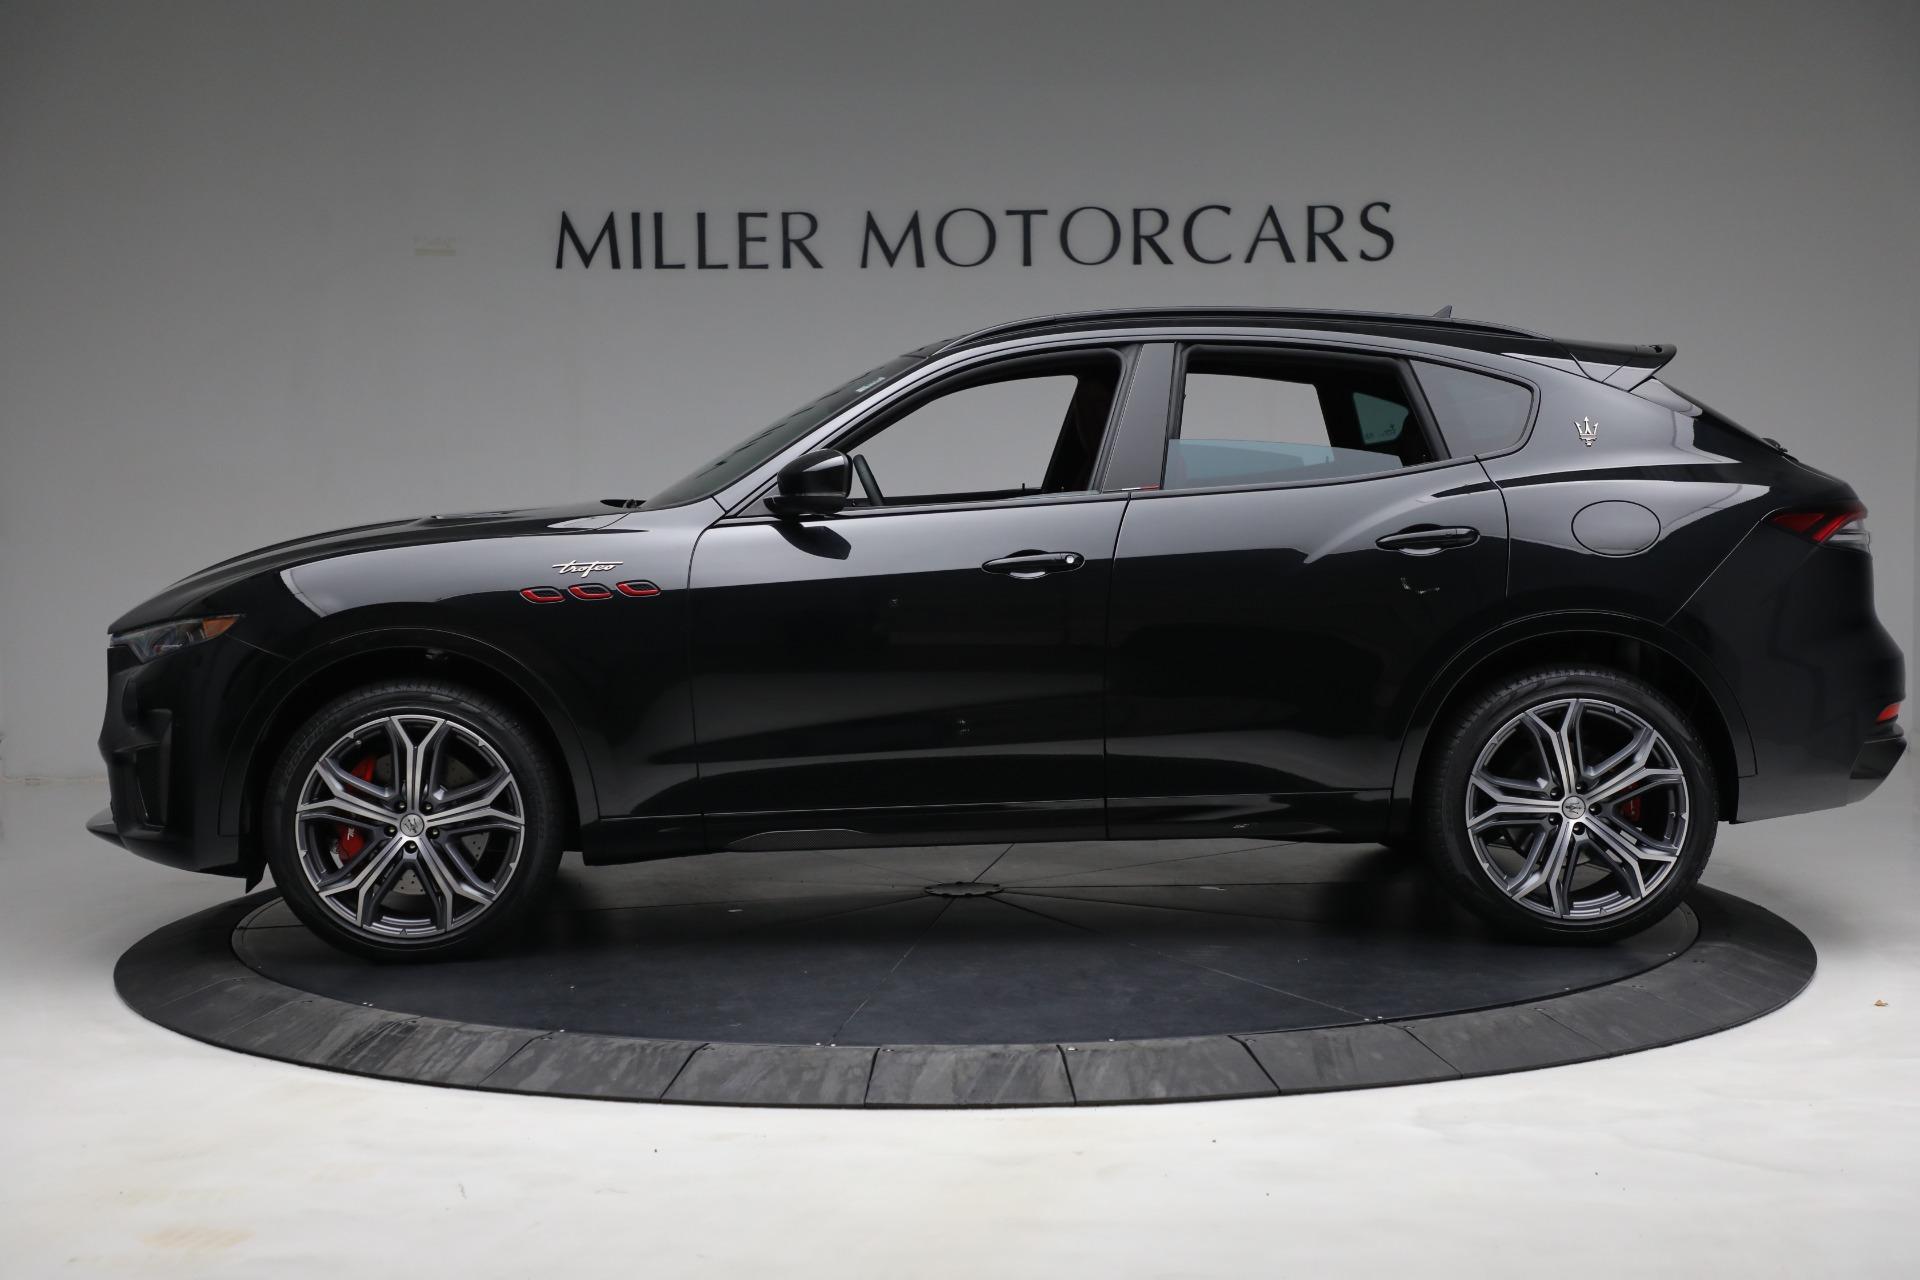 New 2022 Maserati Levante Trofeo